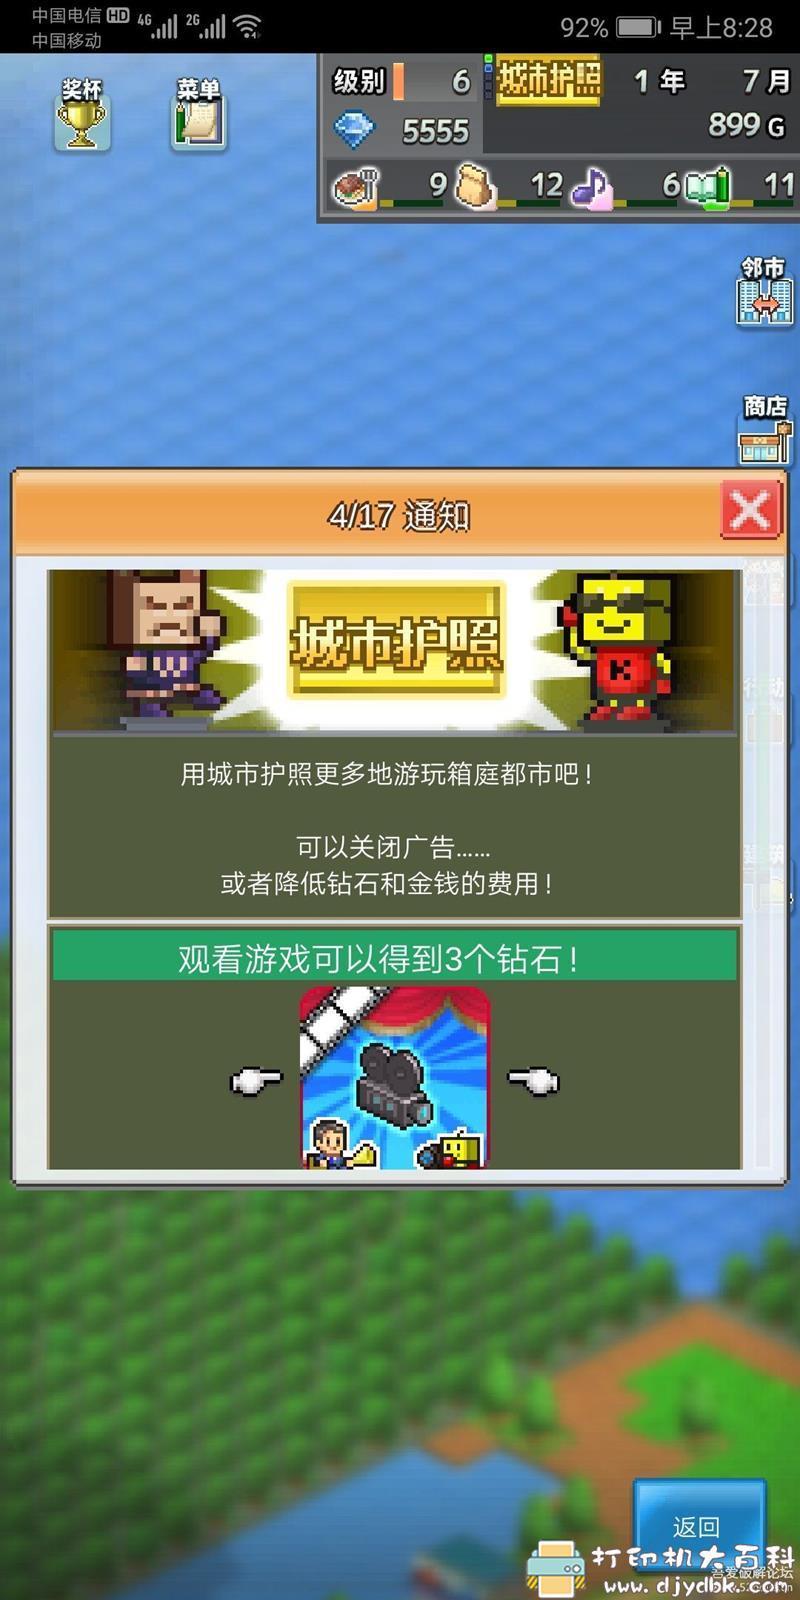 安卓游戏分享 箱庭都市物语 城市护照版图片 No.2